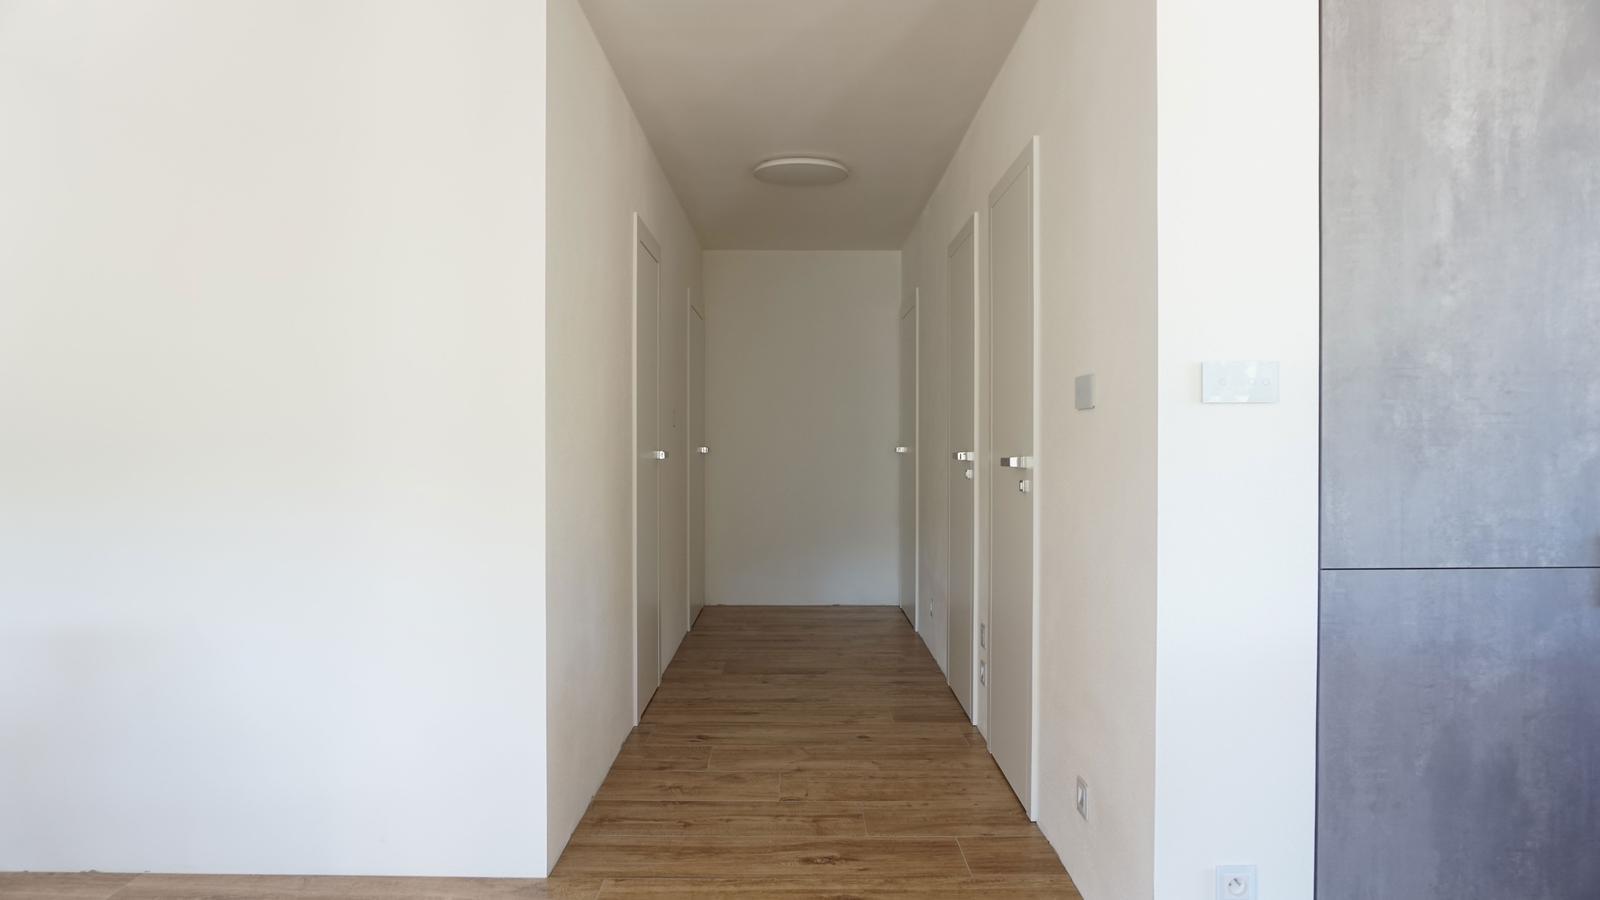 Reverzné a bezpolodrážkové dvere. - Obrázok č. 1